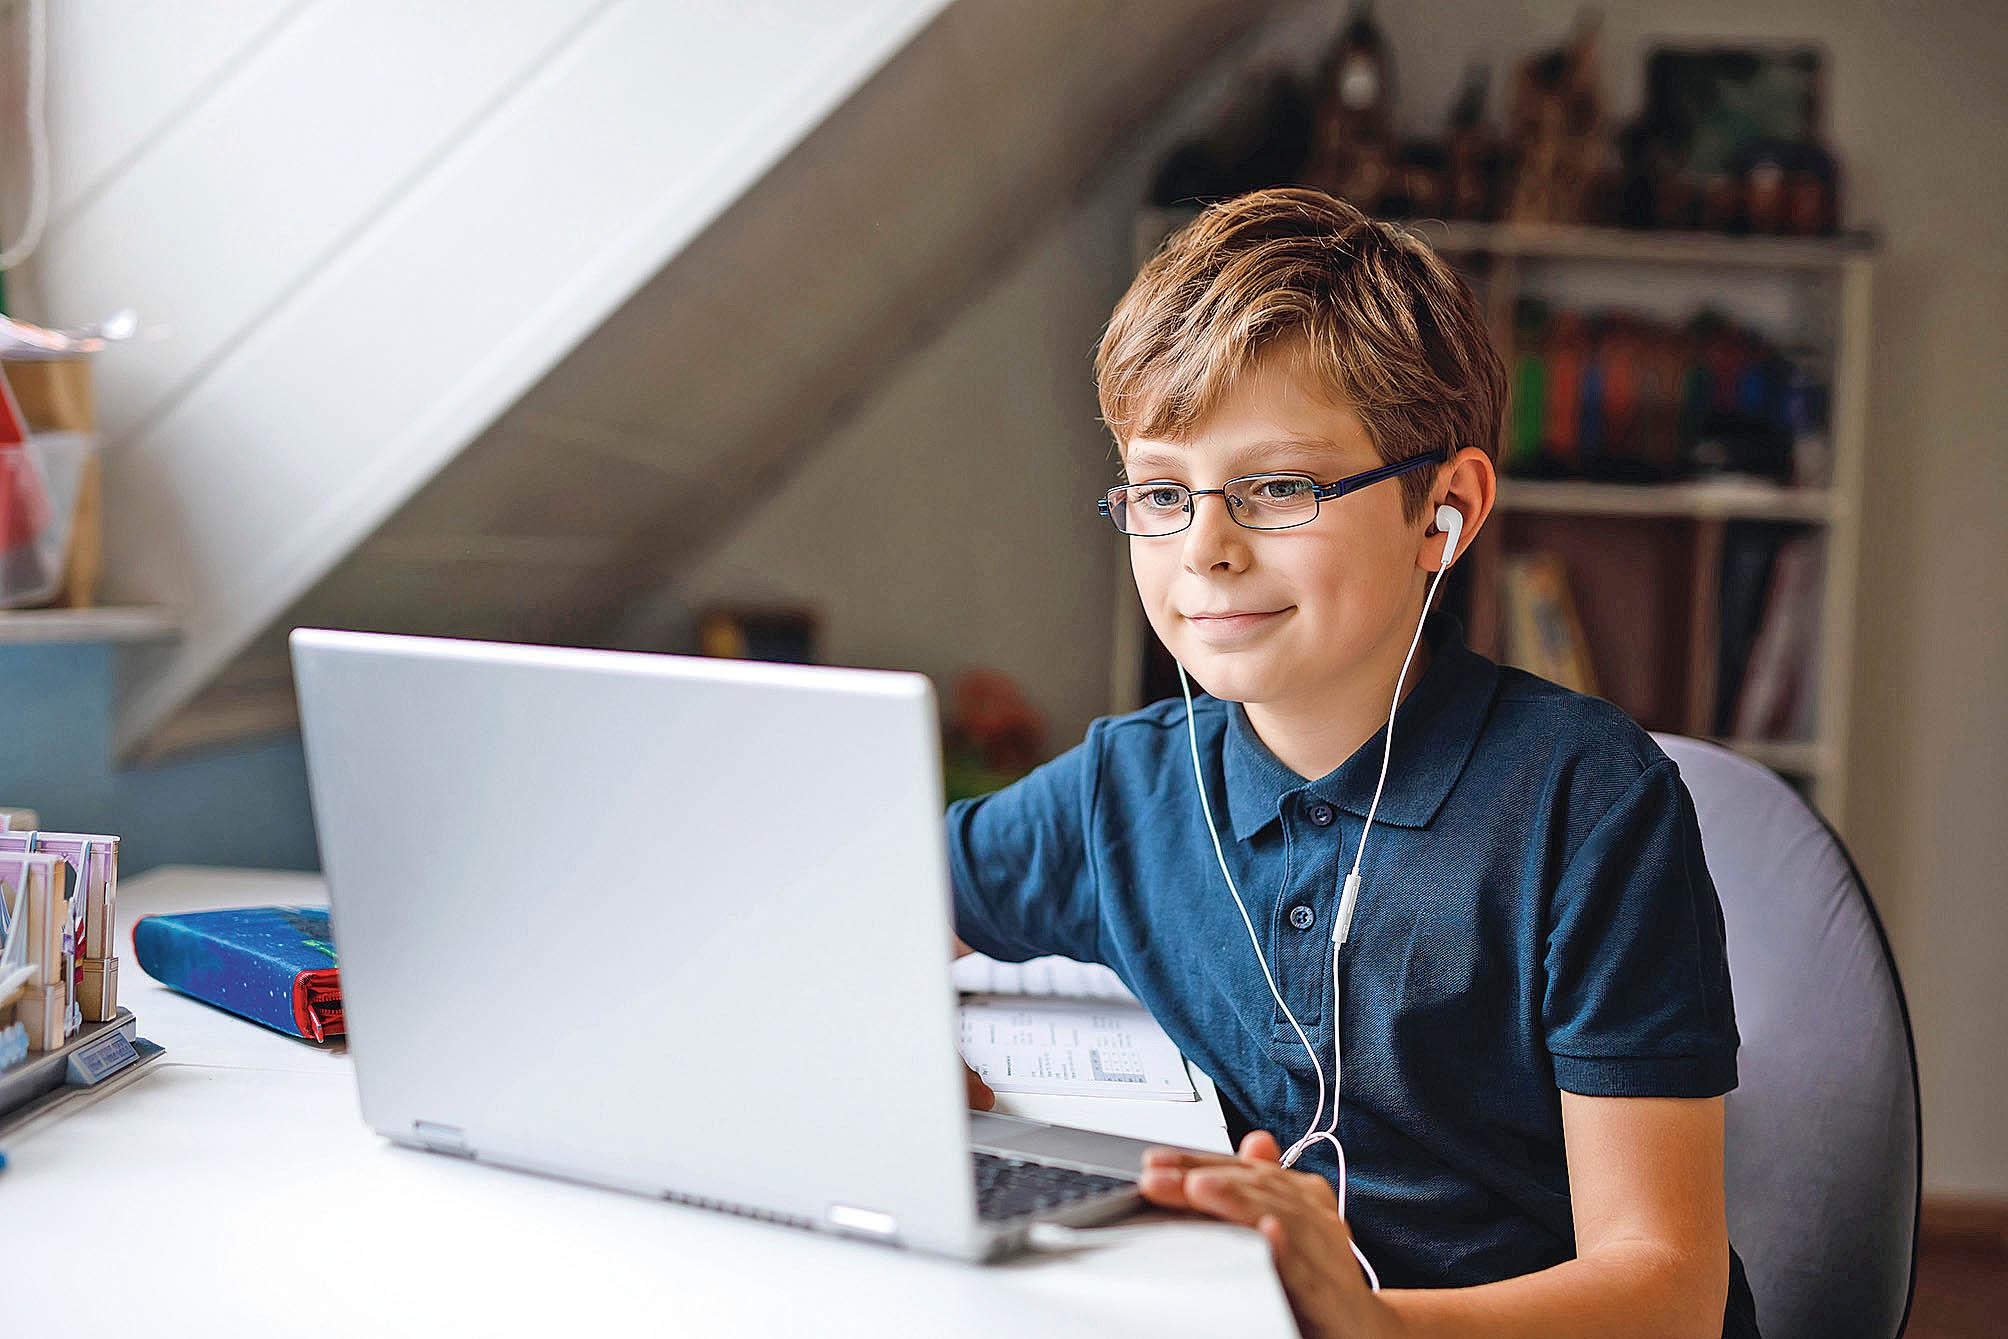 Děti si někdy na pracovním počítači rodičů pustí nějakou hru nebo sledují videa. A protože nebývají v informační bezpečnosti zběhlé, mohou zařízení velice snadno infikovat.